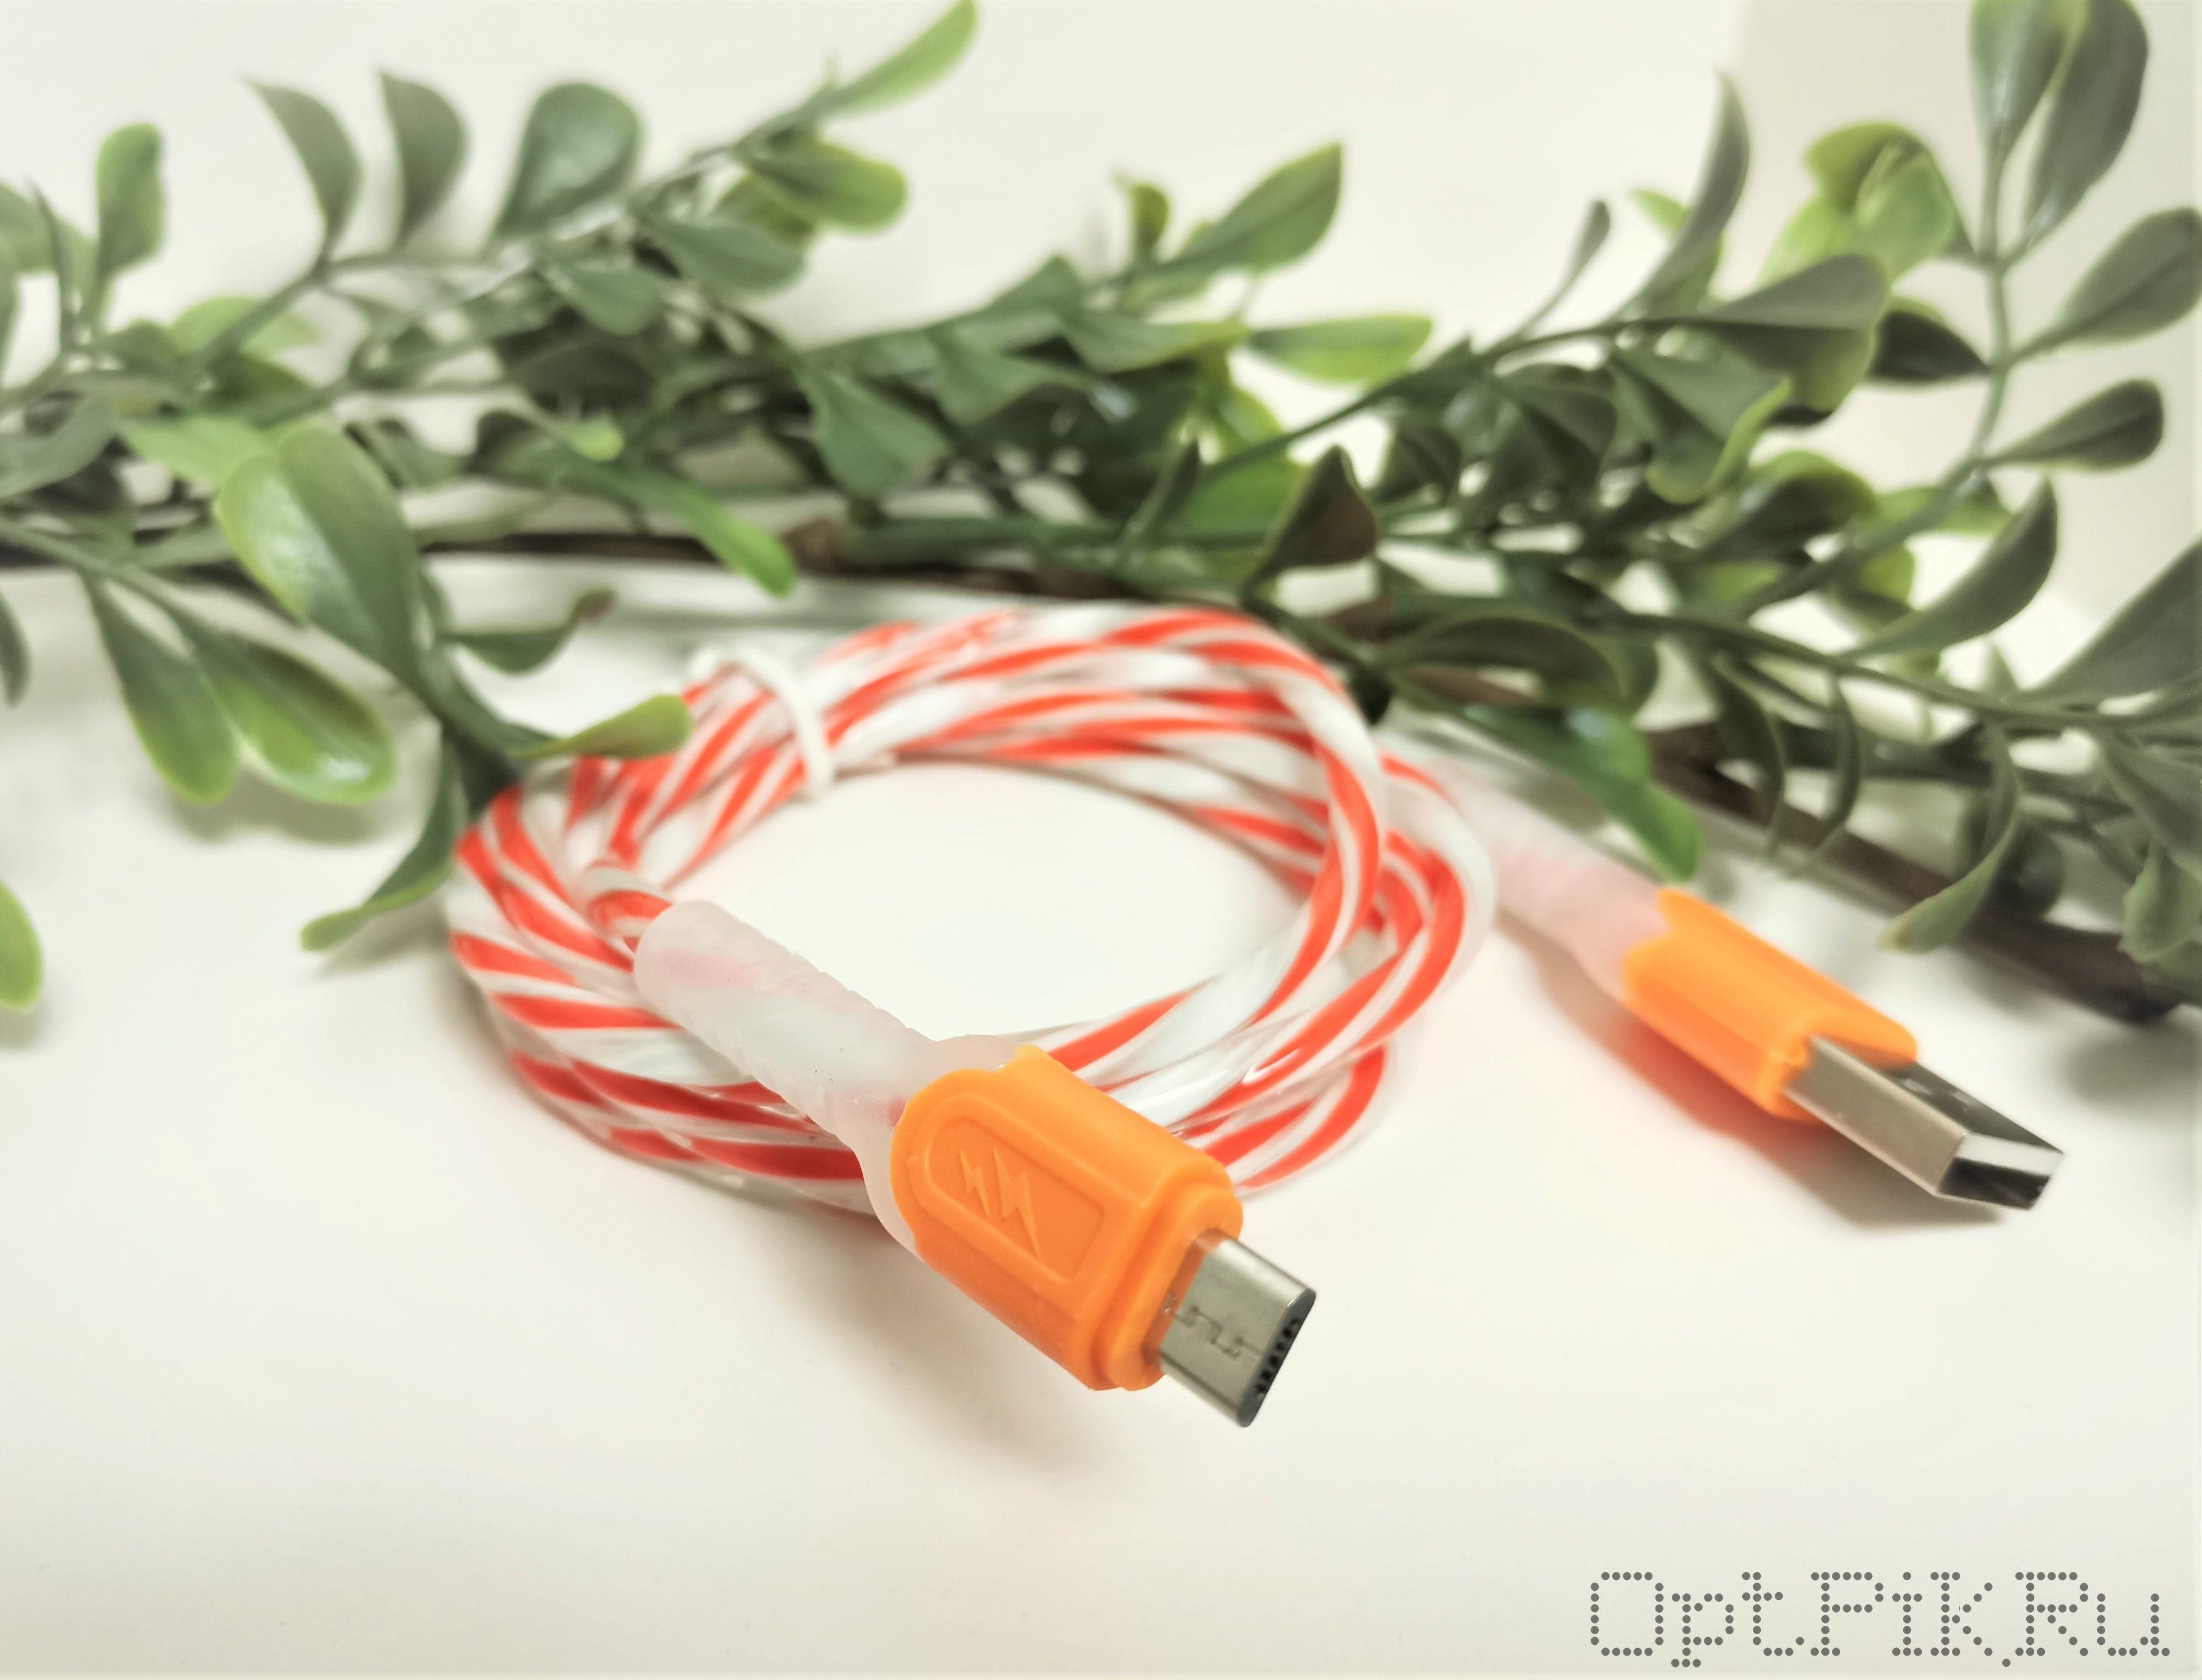 Кабель Micro USB 1 м для зарядки разноцветный